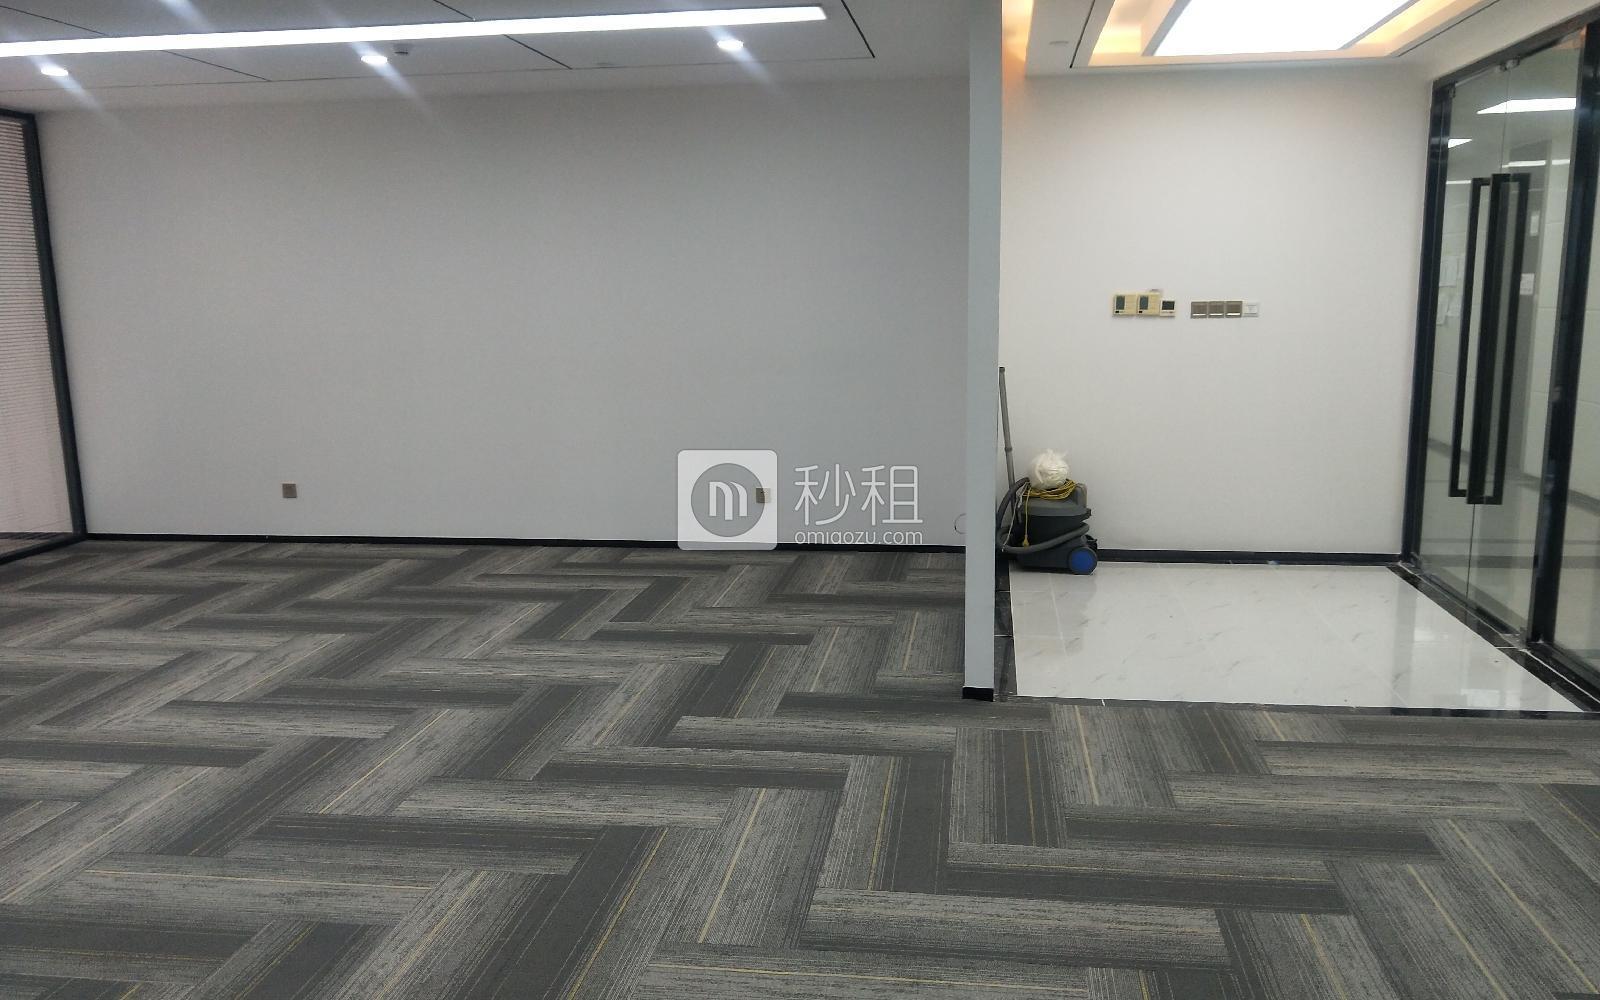 南山-科技园 华润城大冲商务中心 323m²